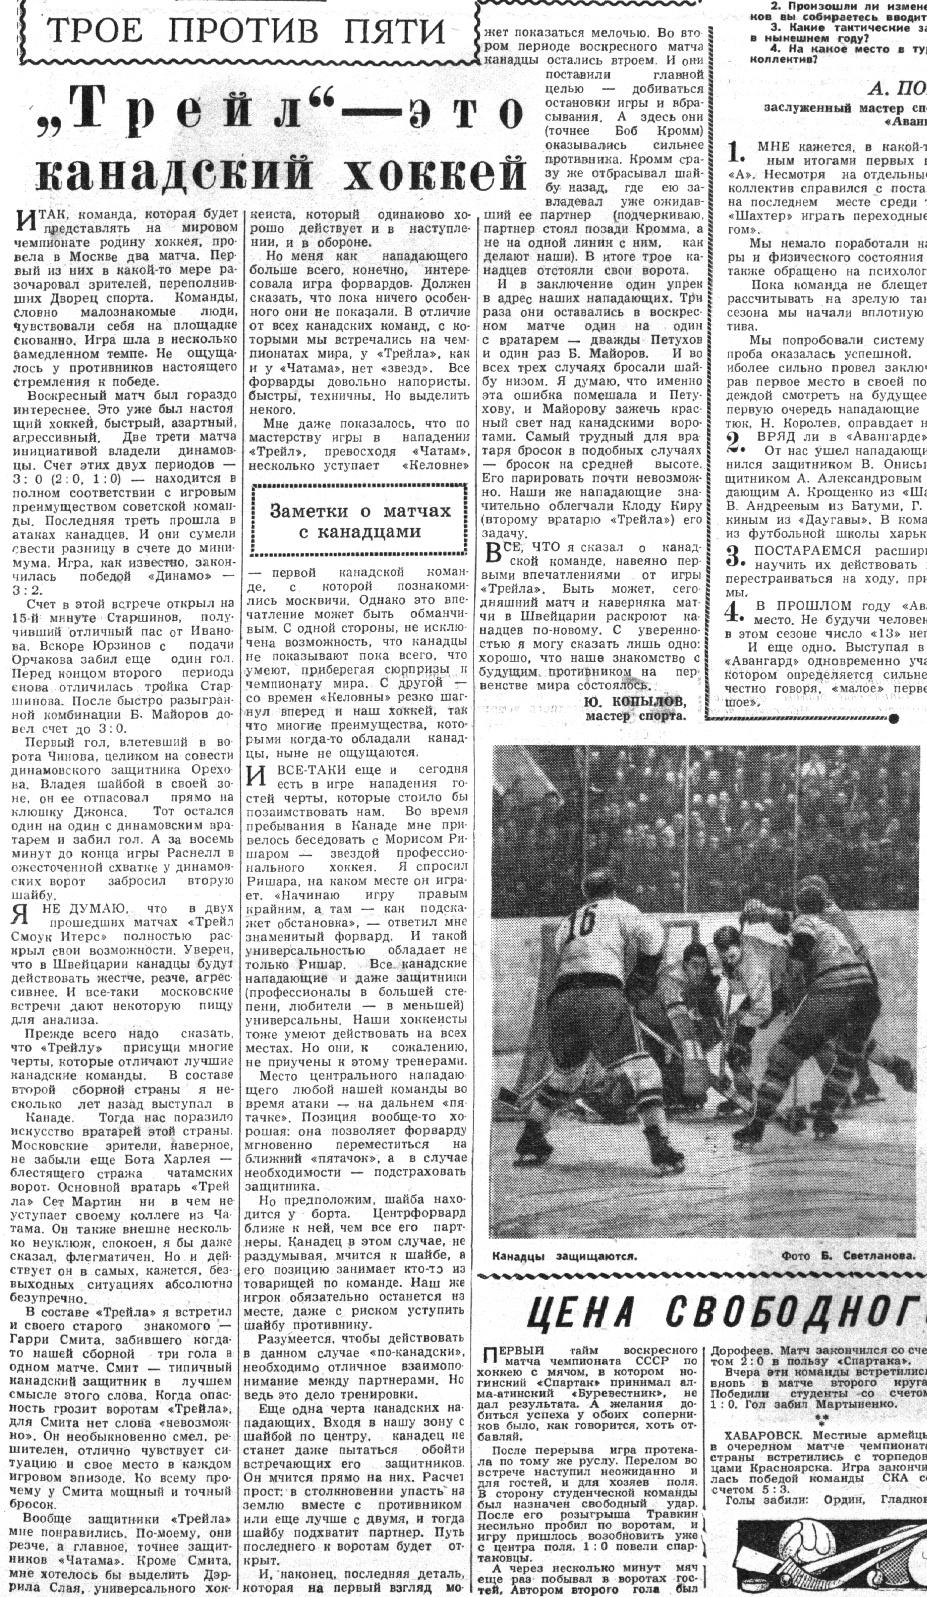 Sovetskij_Sport_1961_02_14_N38_s5.jpg